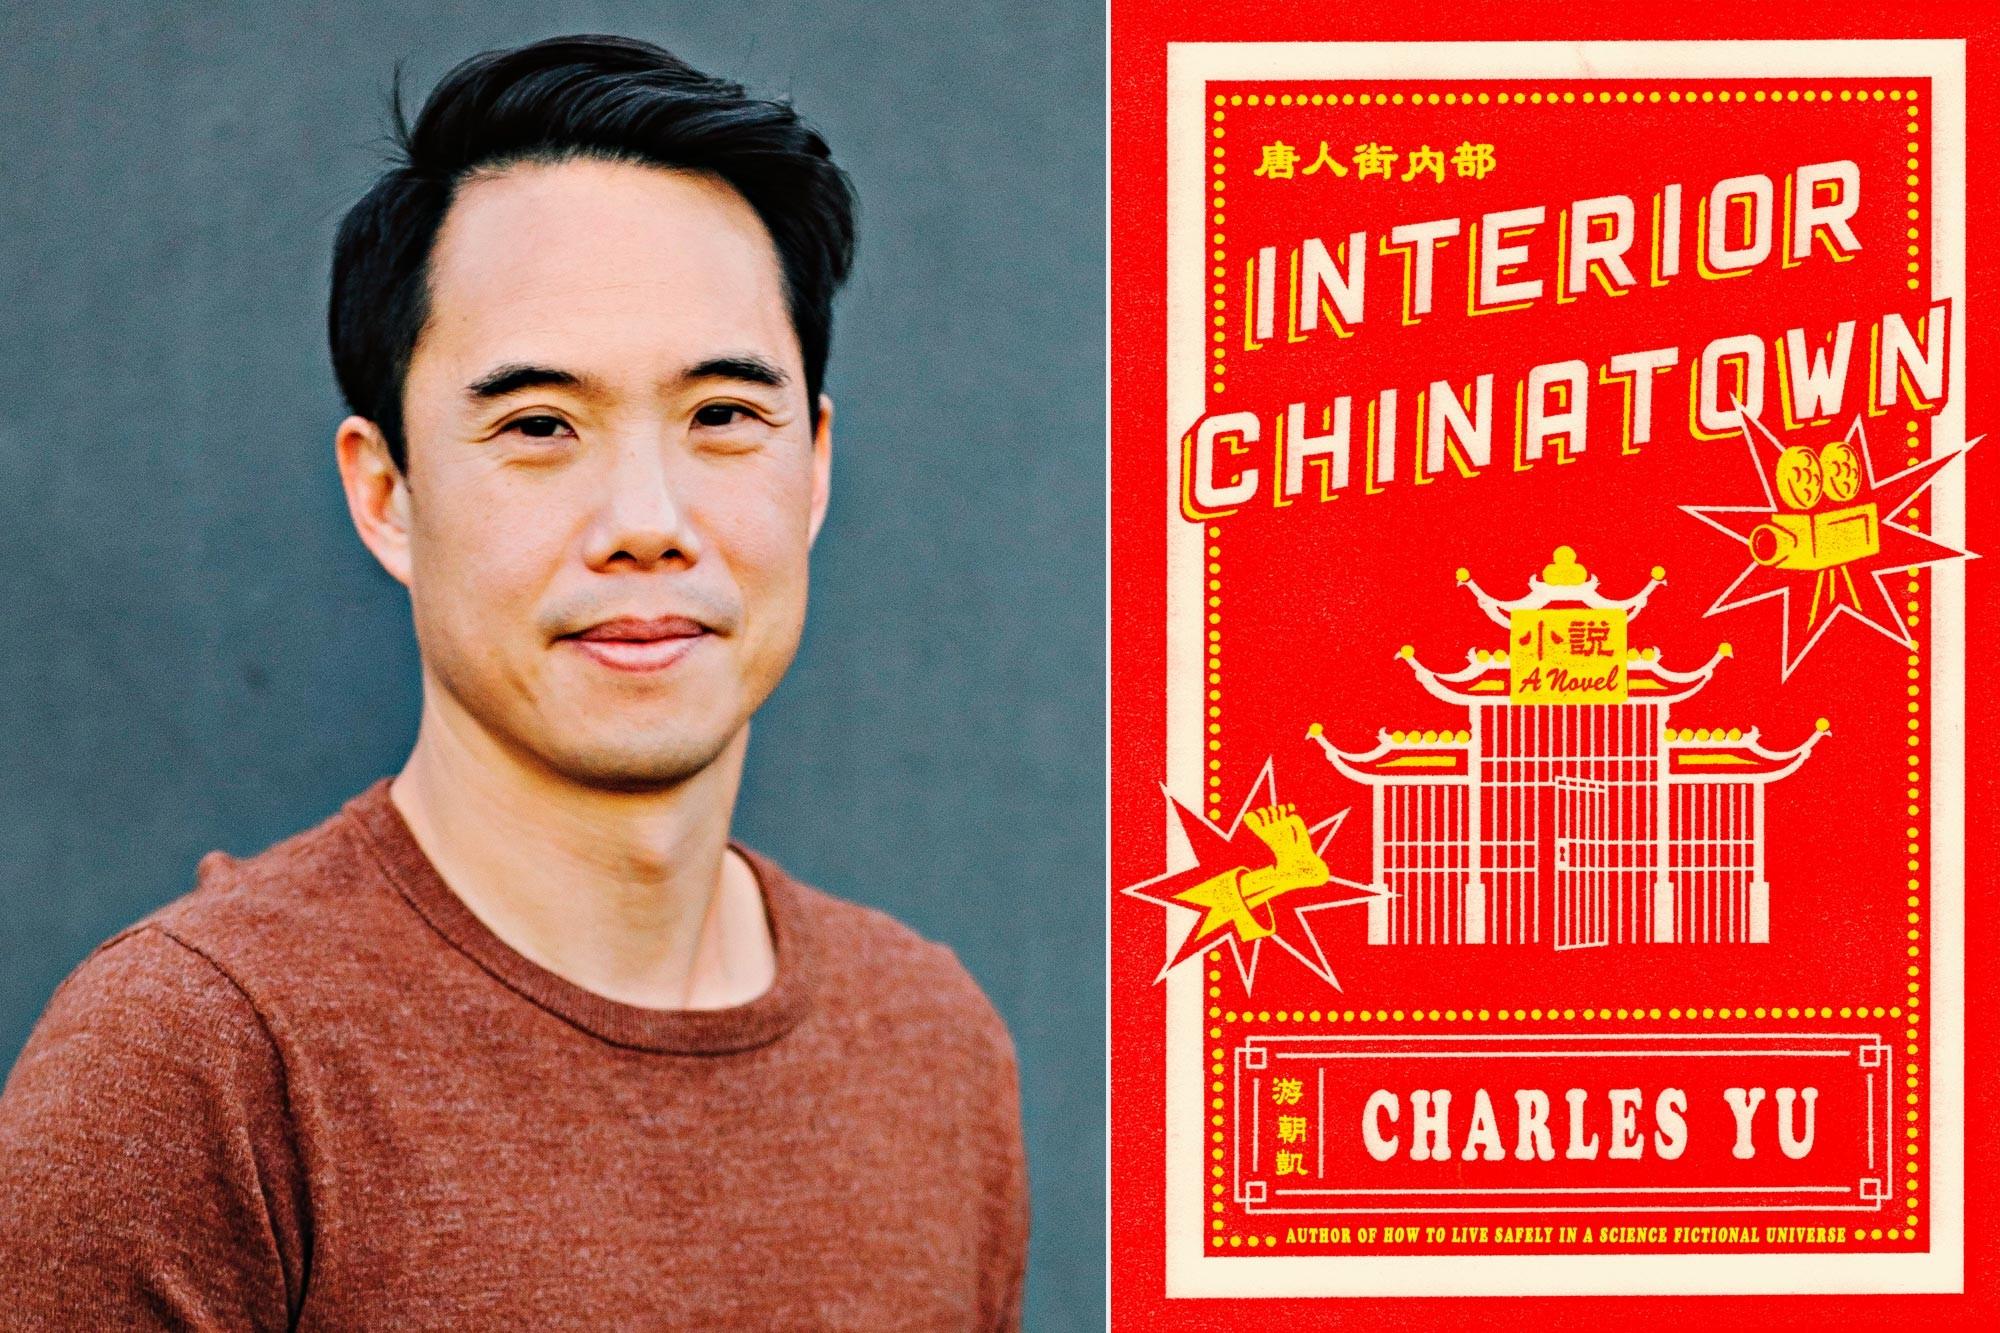 Charles Yu Online Presentation